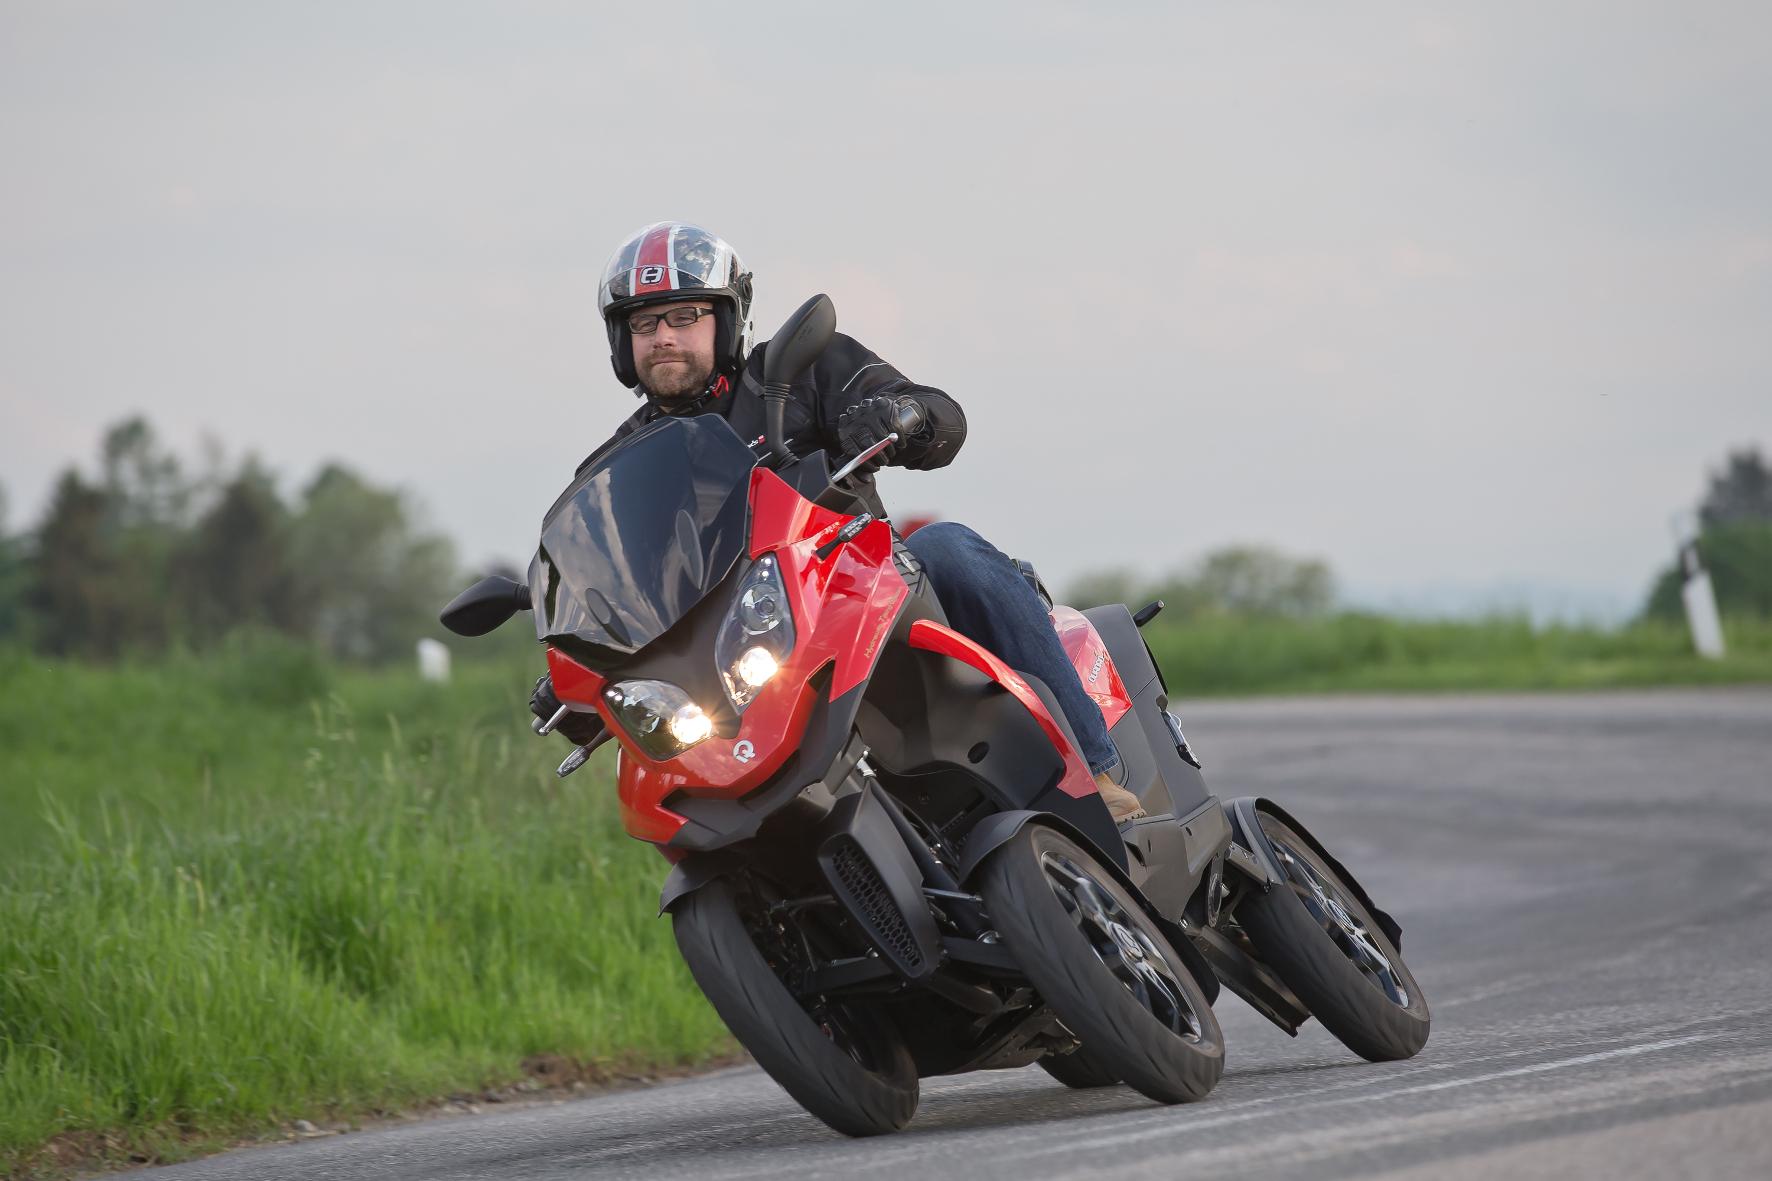 mid Groß-Gerau - Schräger Kurvenräuber: Der Quadro 4 legt sich mithilfe aufwändiger Fahrwerkstechnik selbst in jede Straßenbiegung.